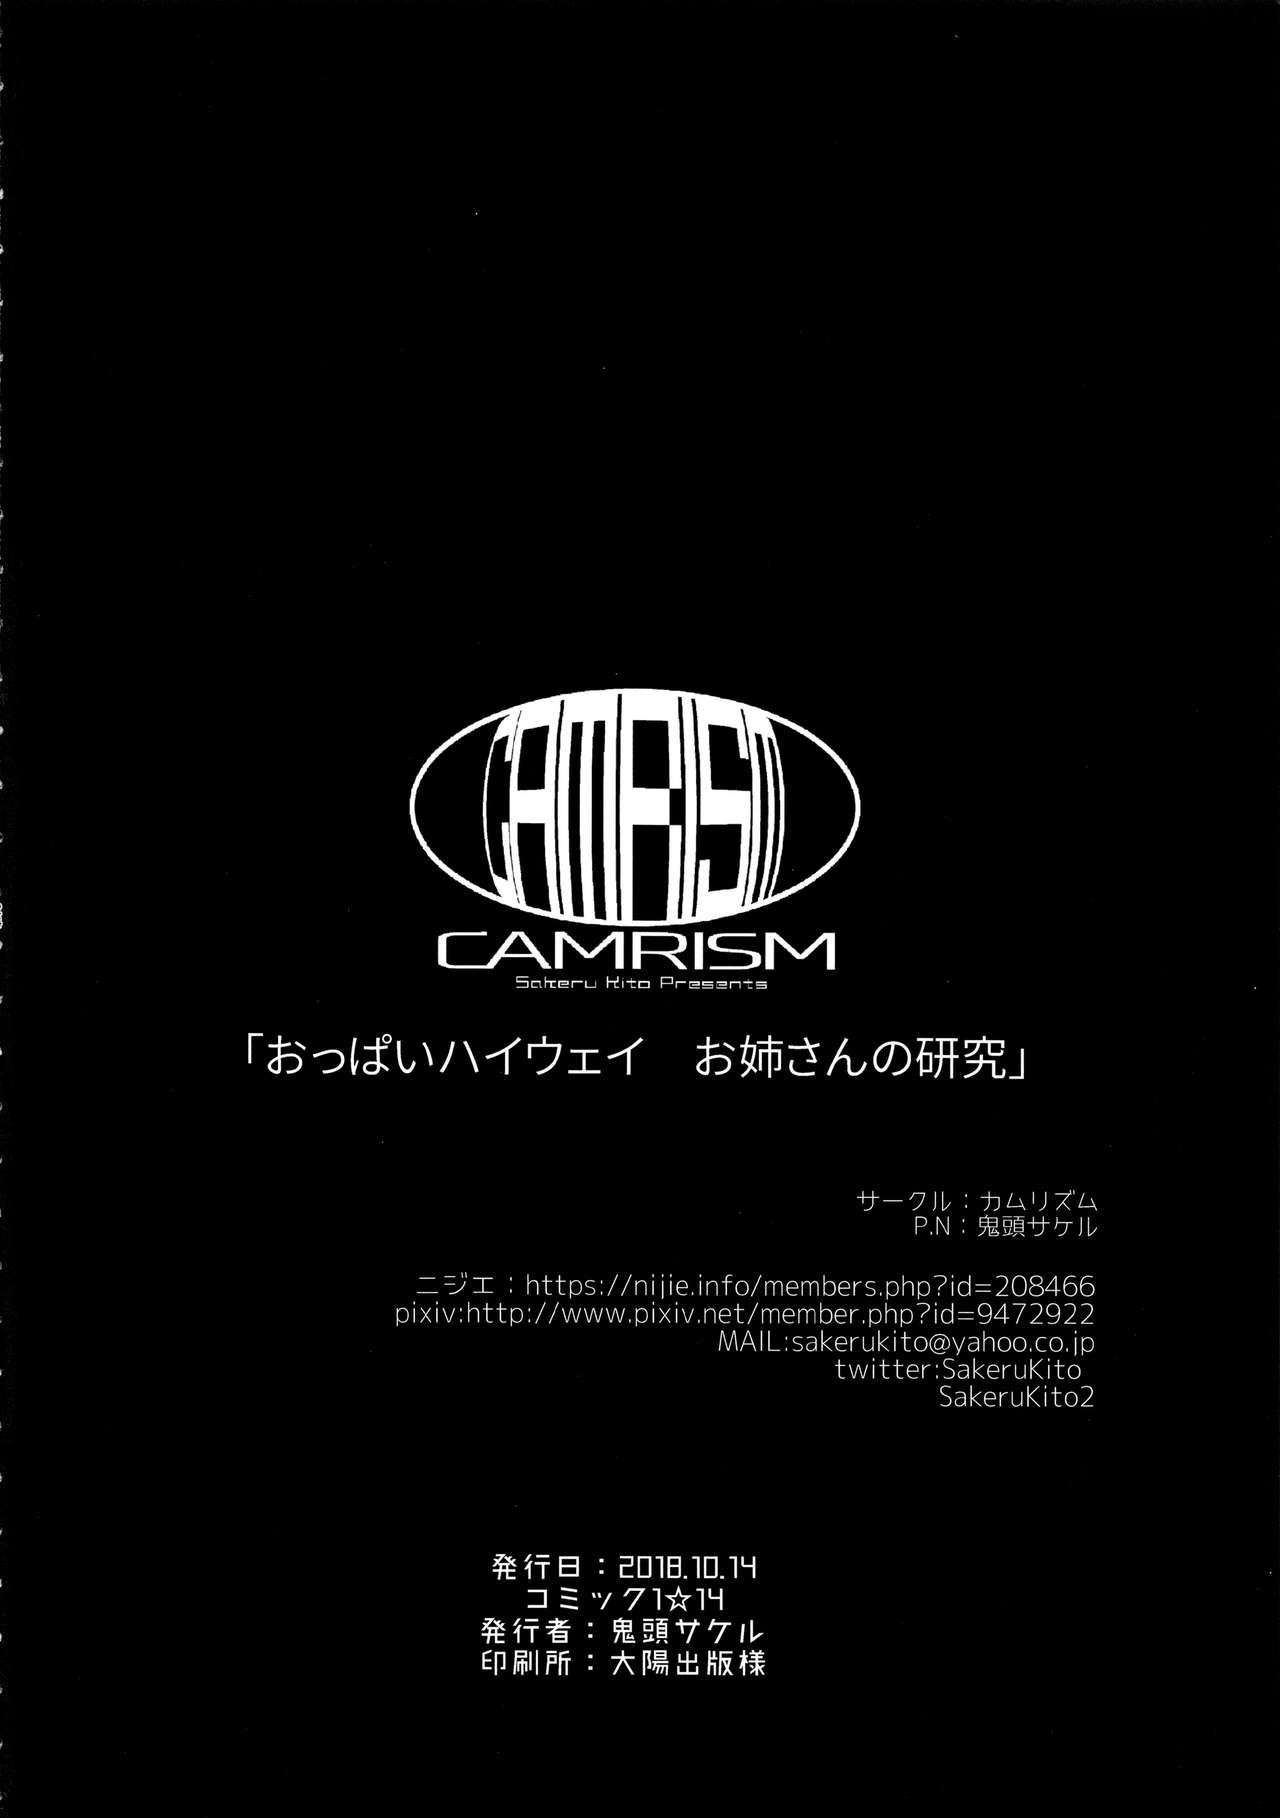 (COMIC1☆14) [Camrism (Kito Sakeru)] Oppai Highway - Onee-san no Kenkyuu (Penguin Highway) 24